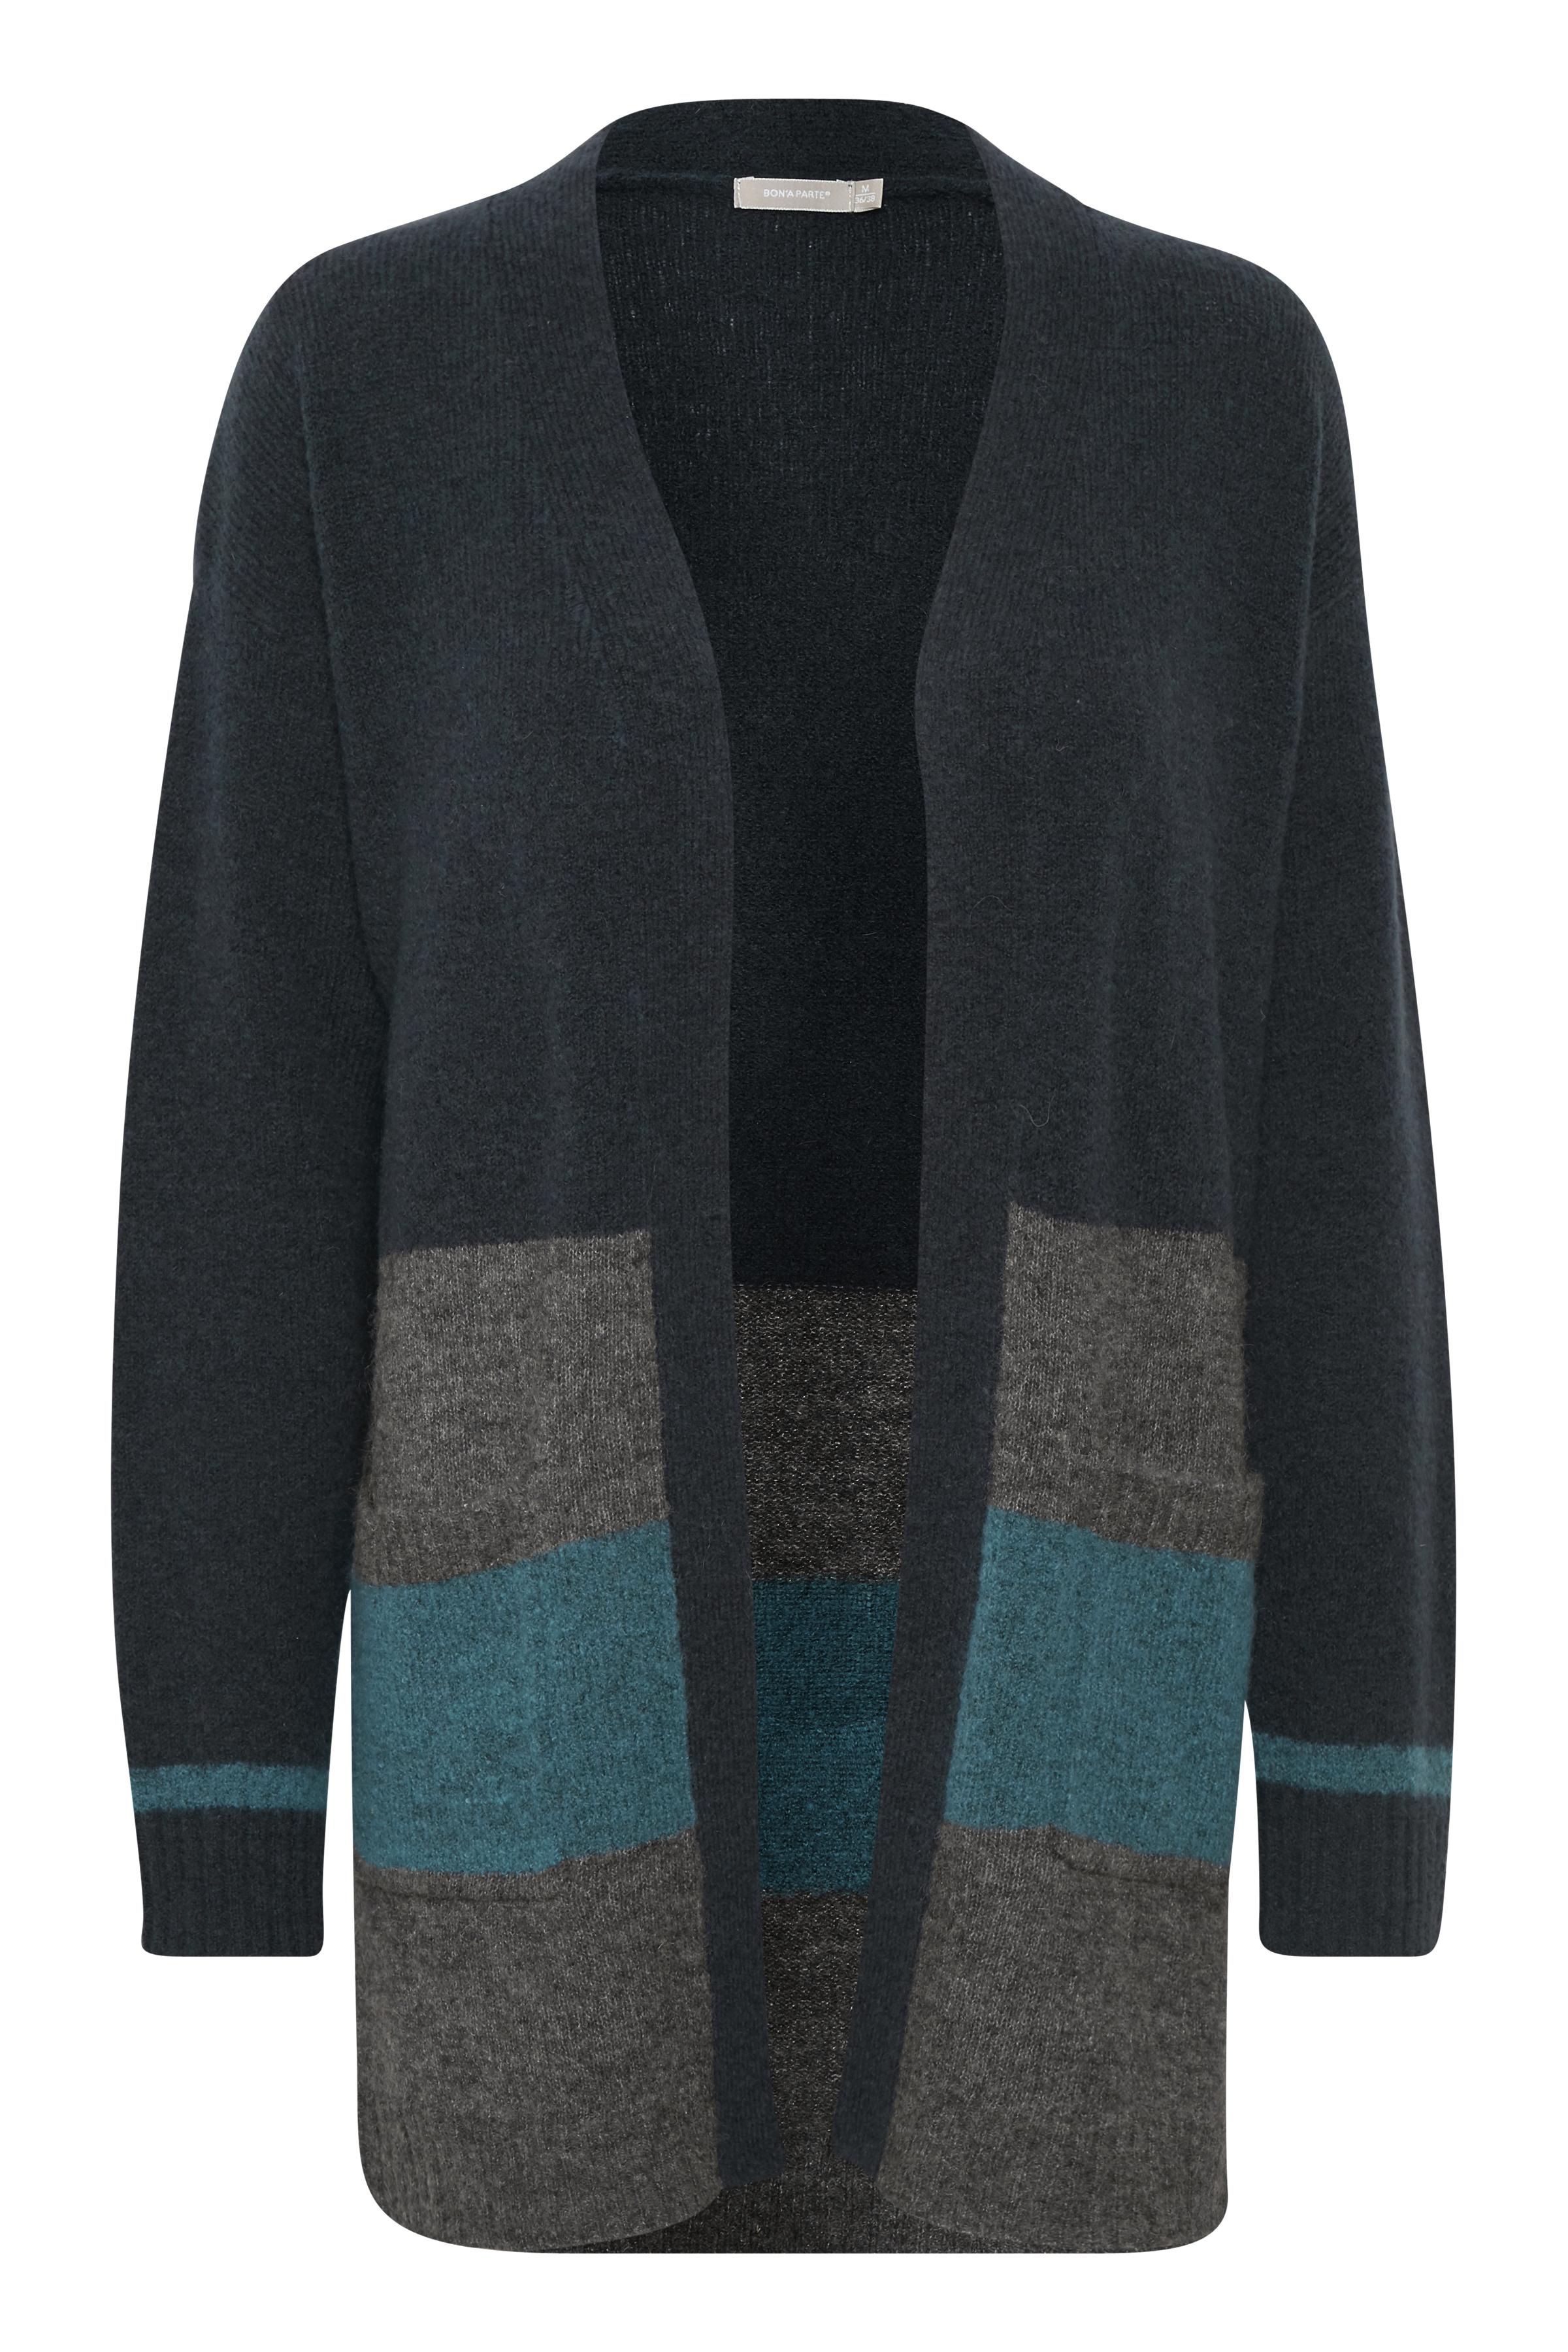 Marinblå/gråmelerad Stickad cardigan från Bon'A Parte – Köp Marinblå/gråmelerad Stickad cardigan från stl. S-2XL här